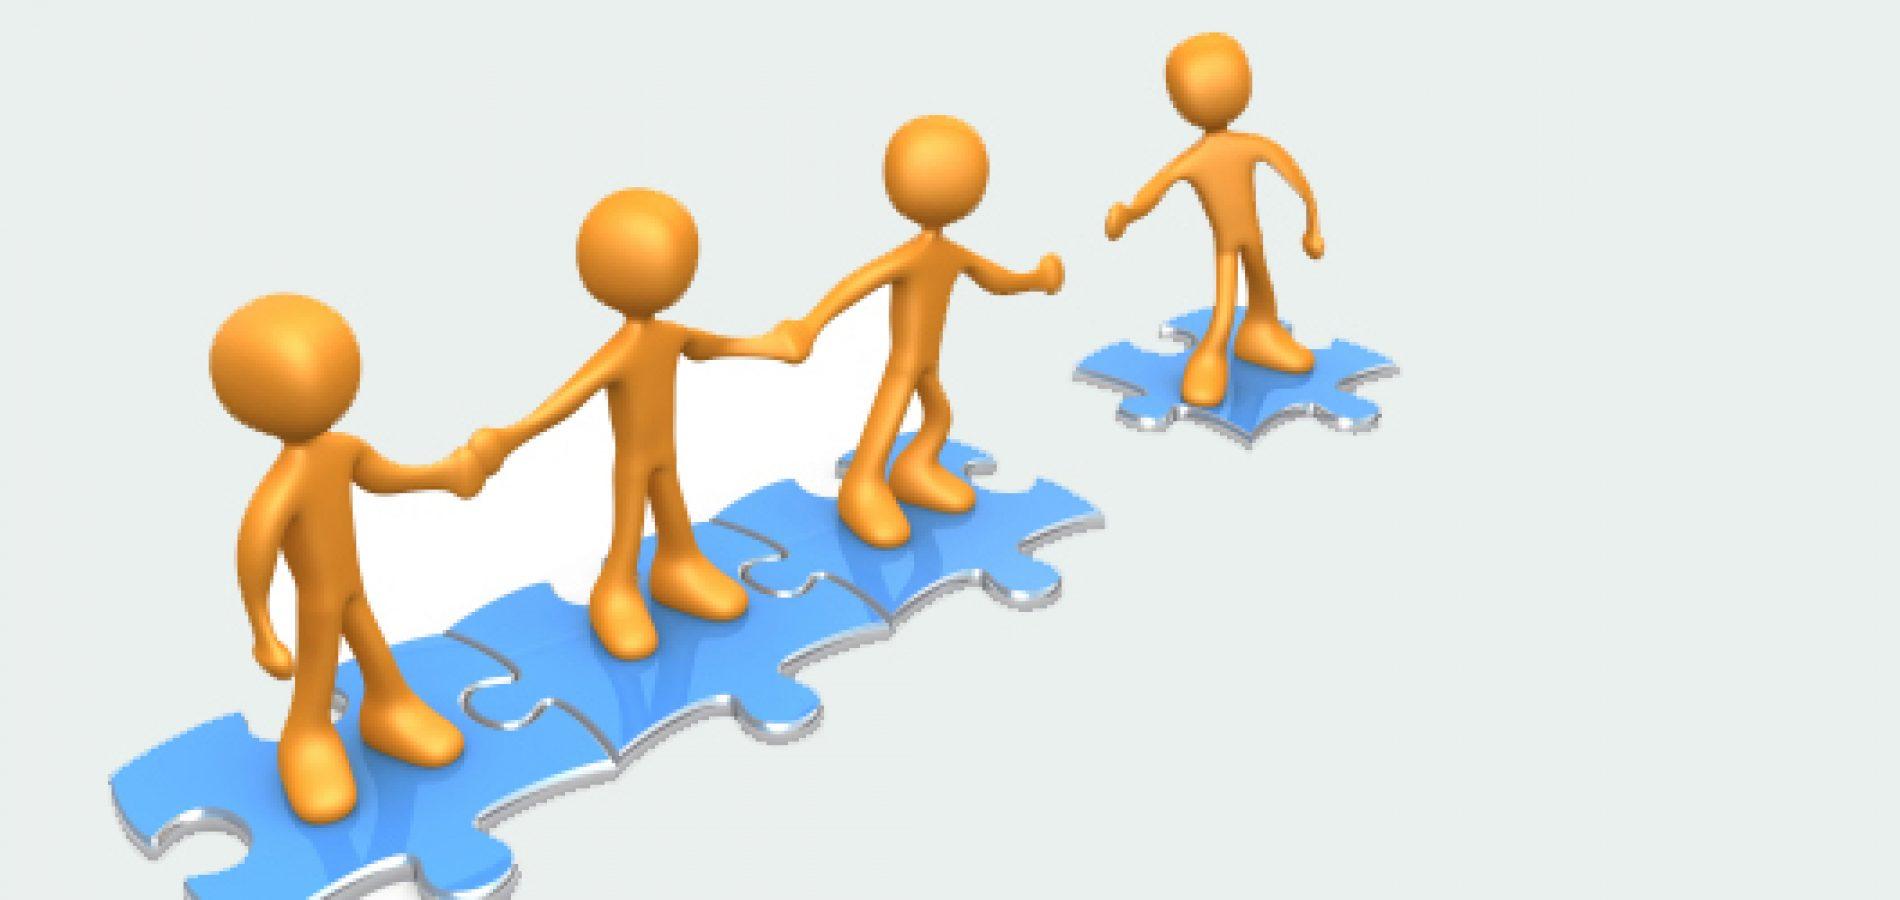 Solicitud de colaboración con Asociaciones sin ánimo de lucro. –  aeca-antigua.es